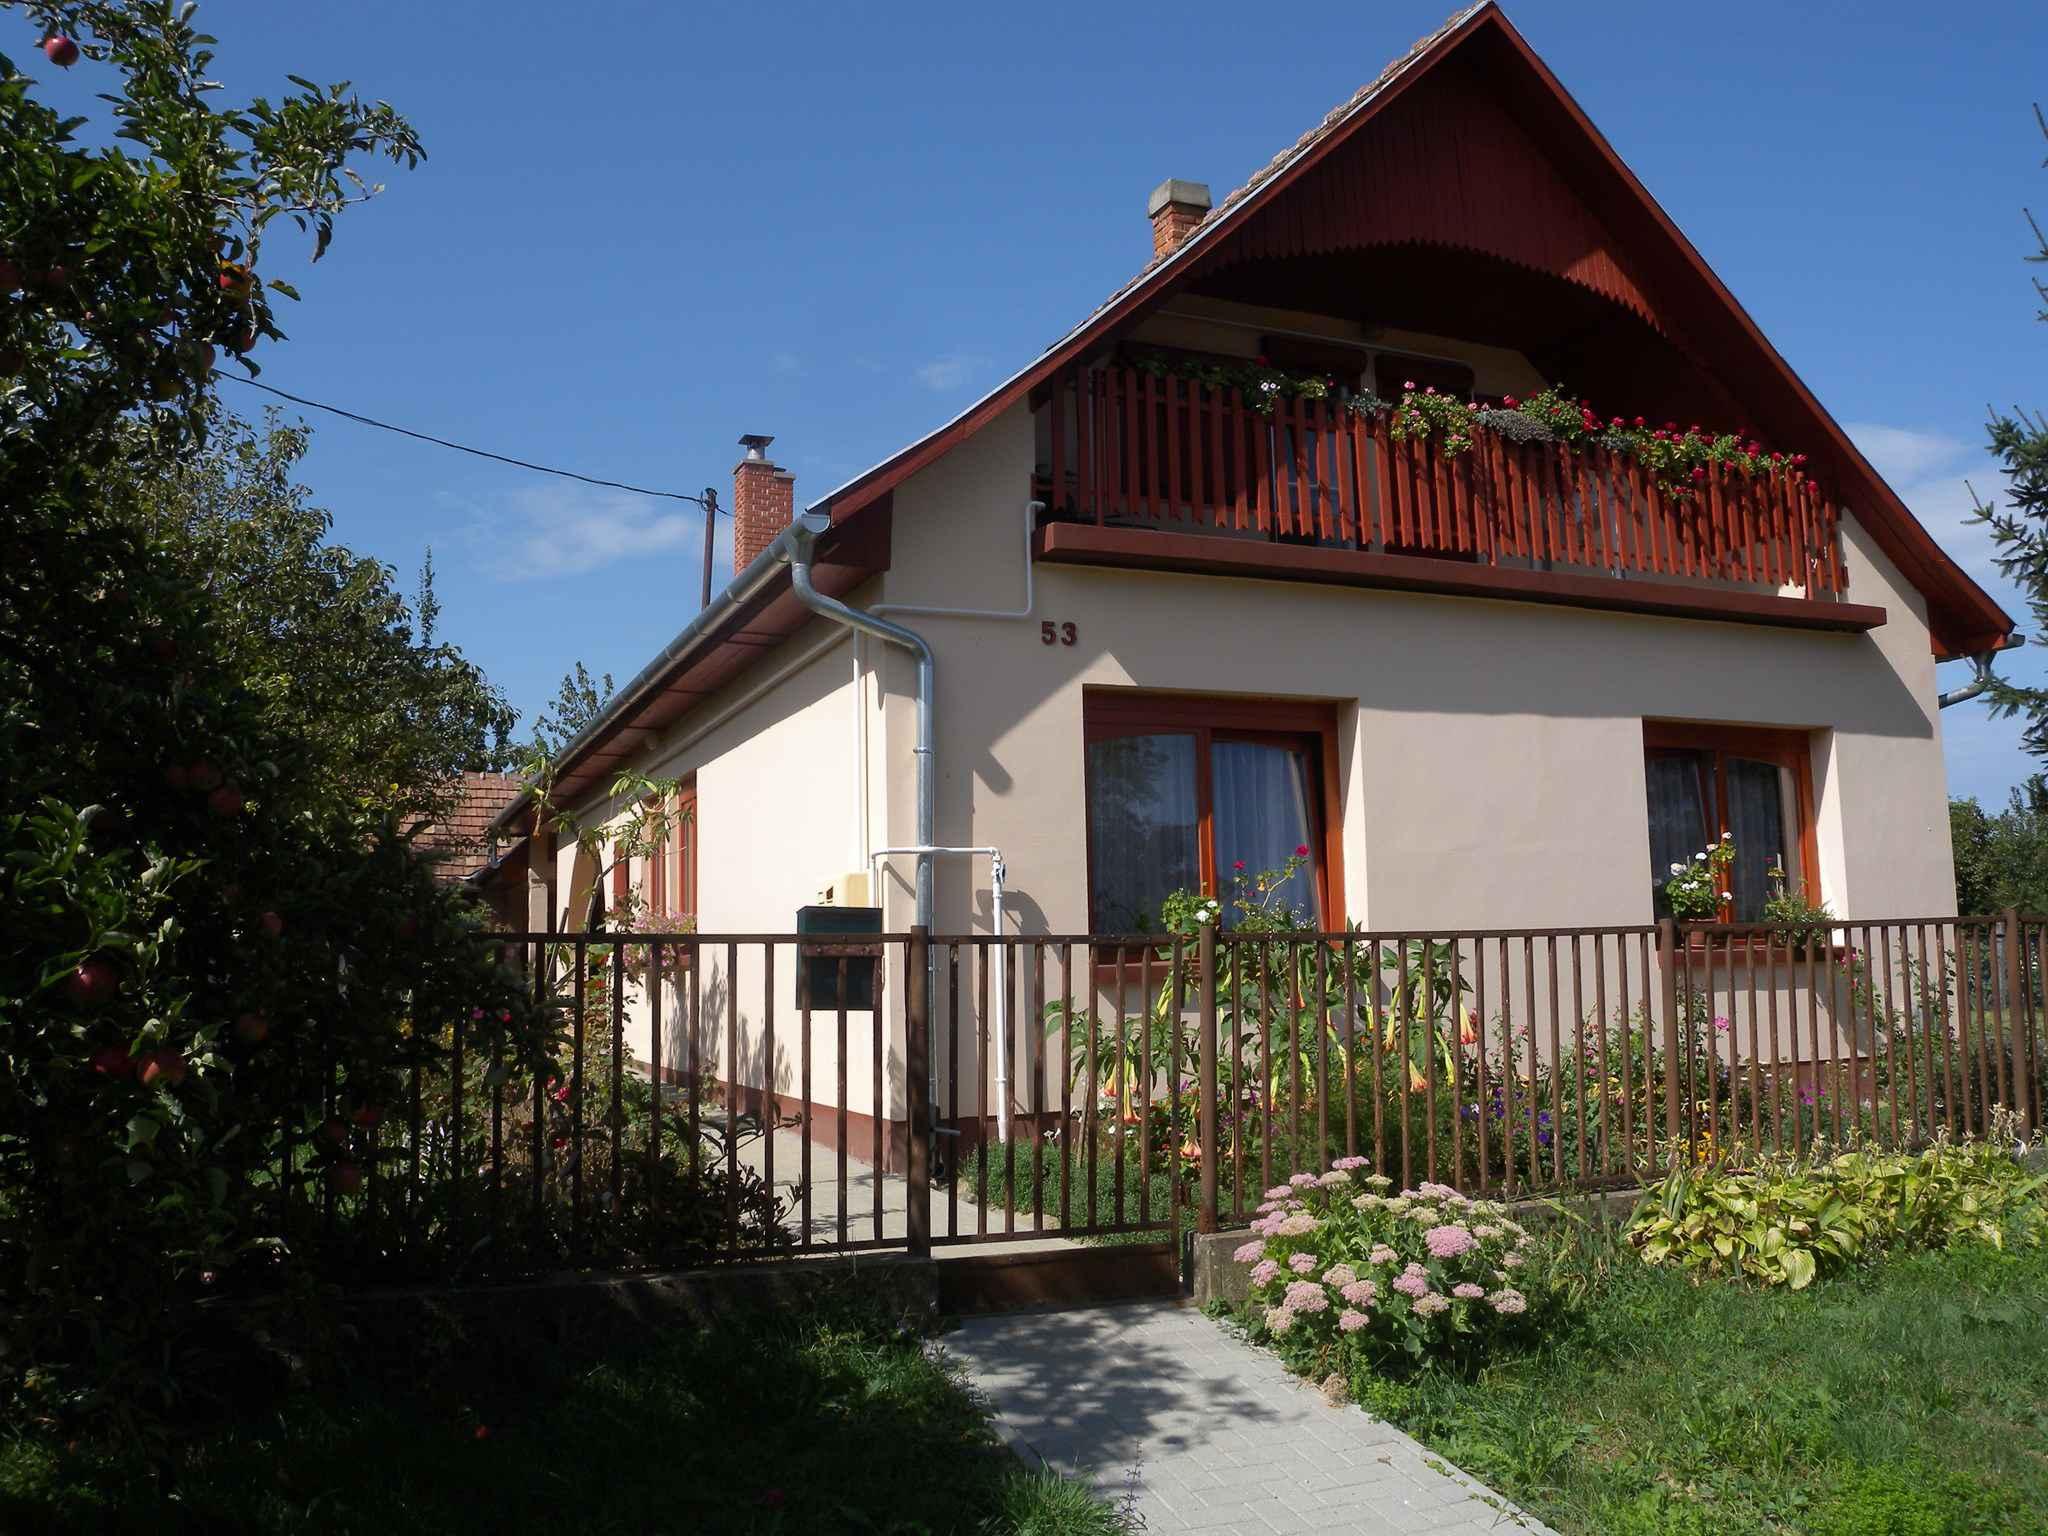 Ferienwohnung mit Terrasse und Gartenpavillon  in Ungarn